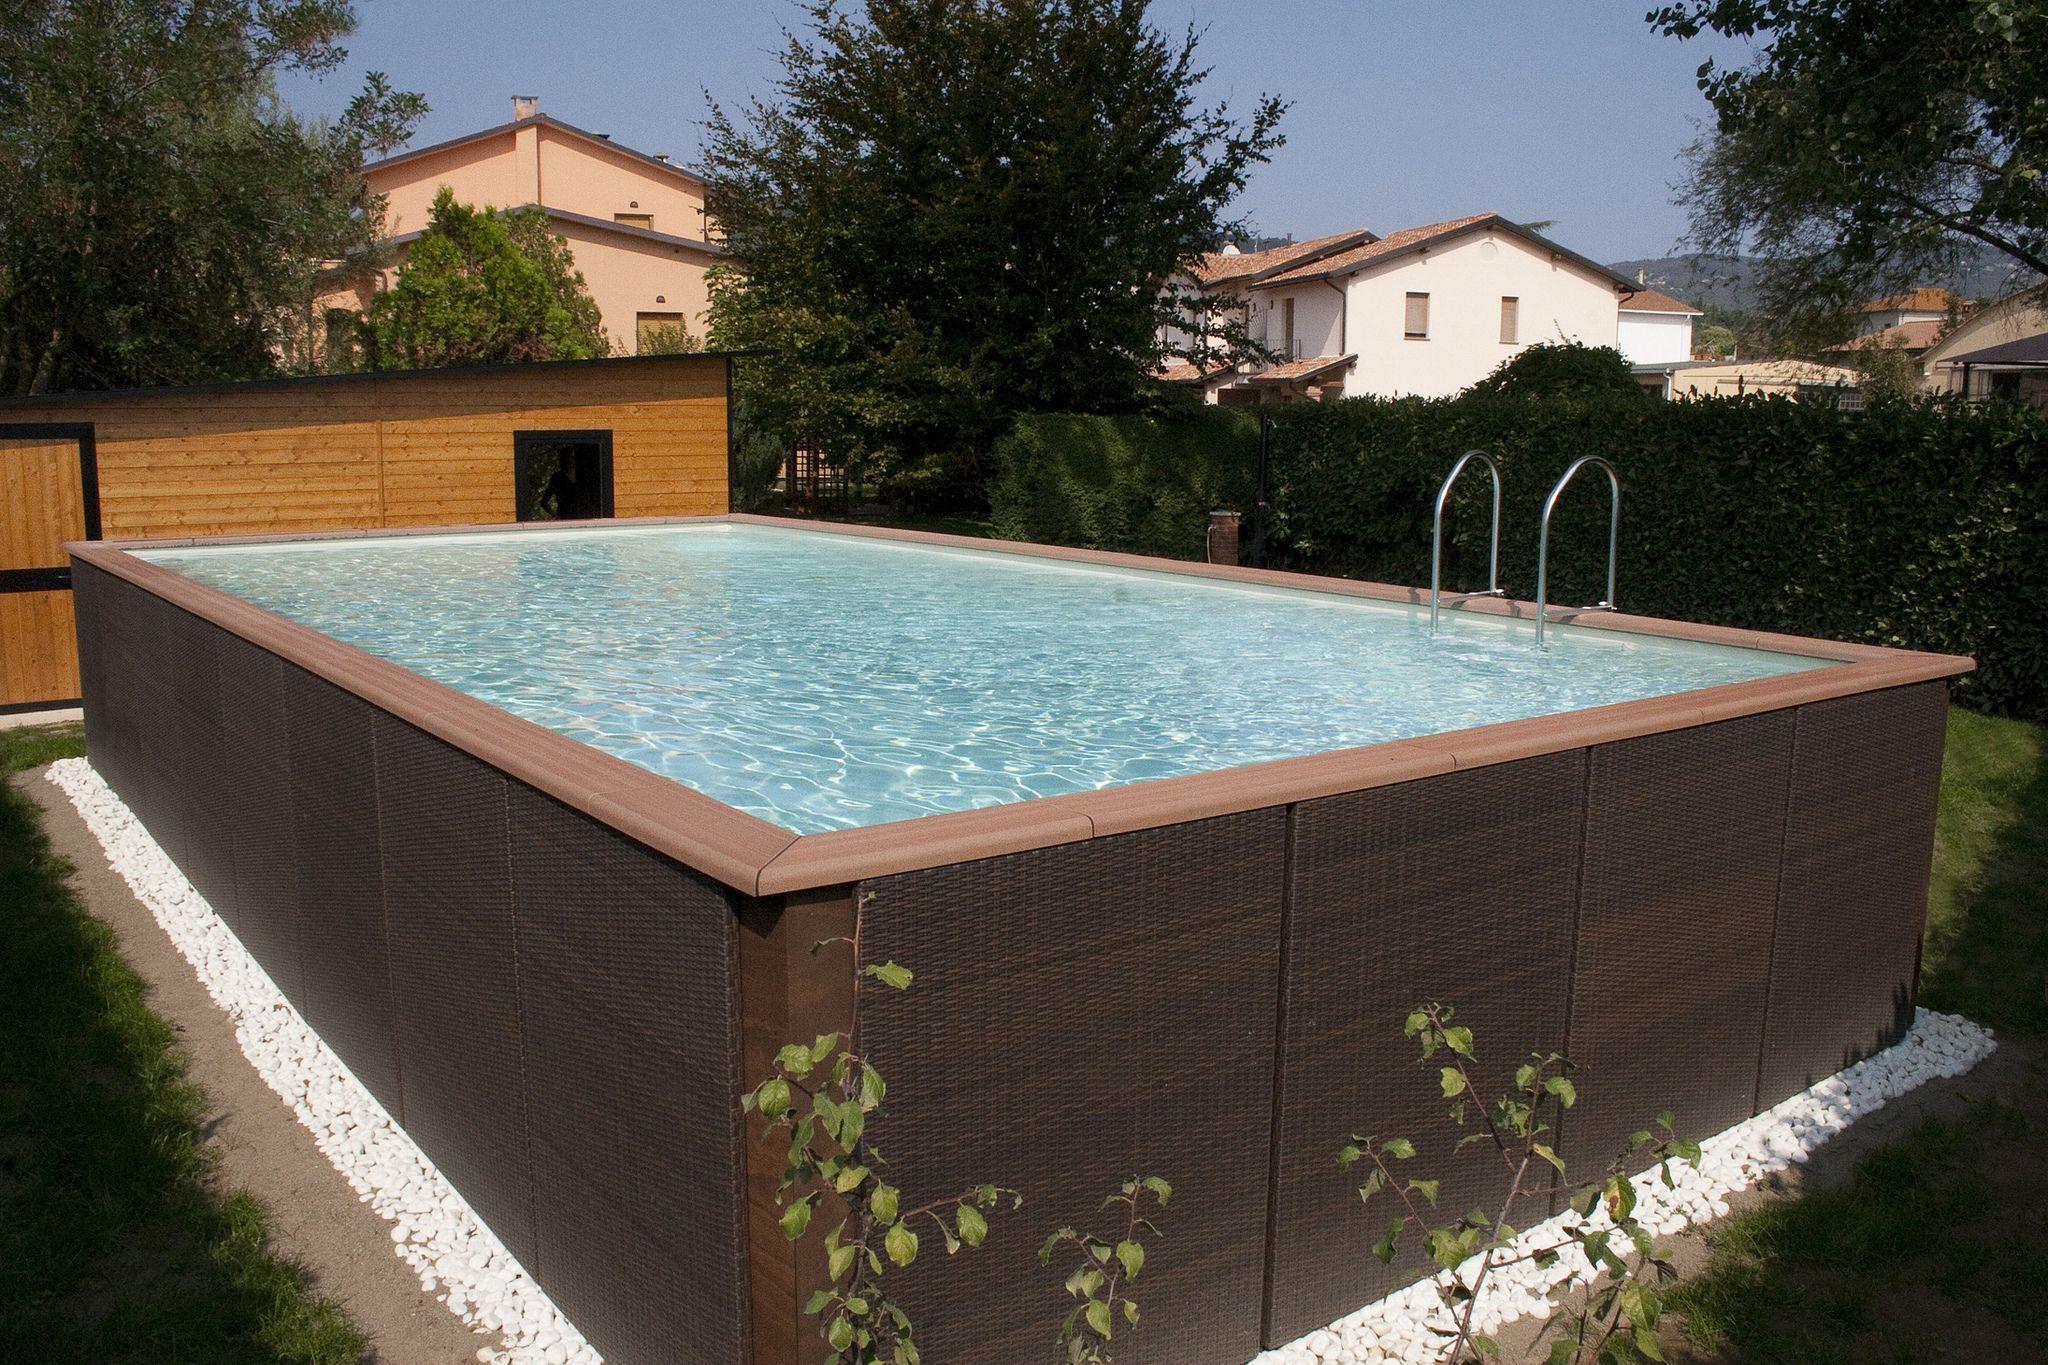 Perfekt Aufstellpool Mit Außenverkleidung Auch Für Hanglagen Geeignet |  Da Jardinero   Pools, Whirlpools,